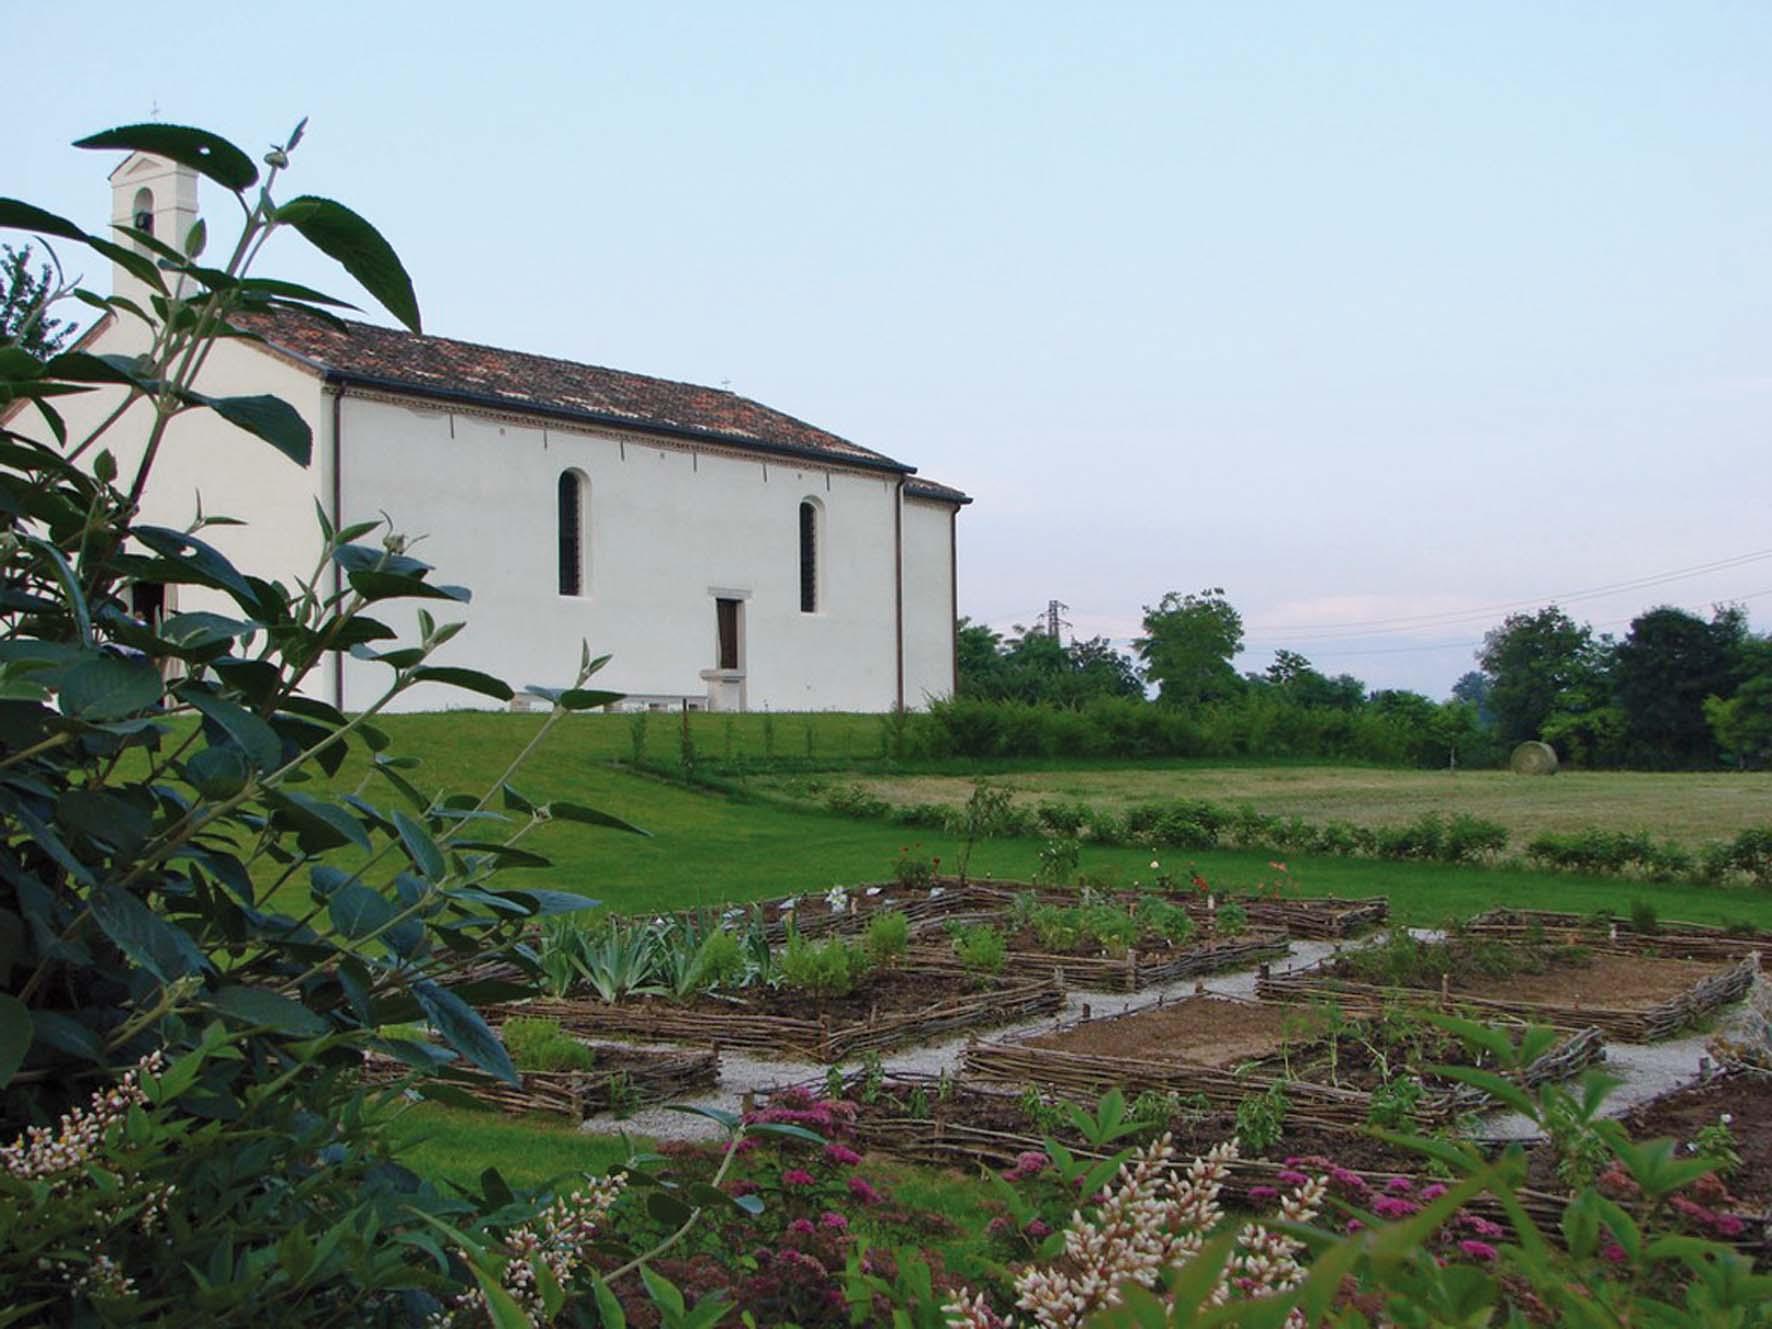 2008 - Orto dei semplici Chiesetta di san Giovanni Prata 24 giugno